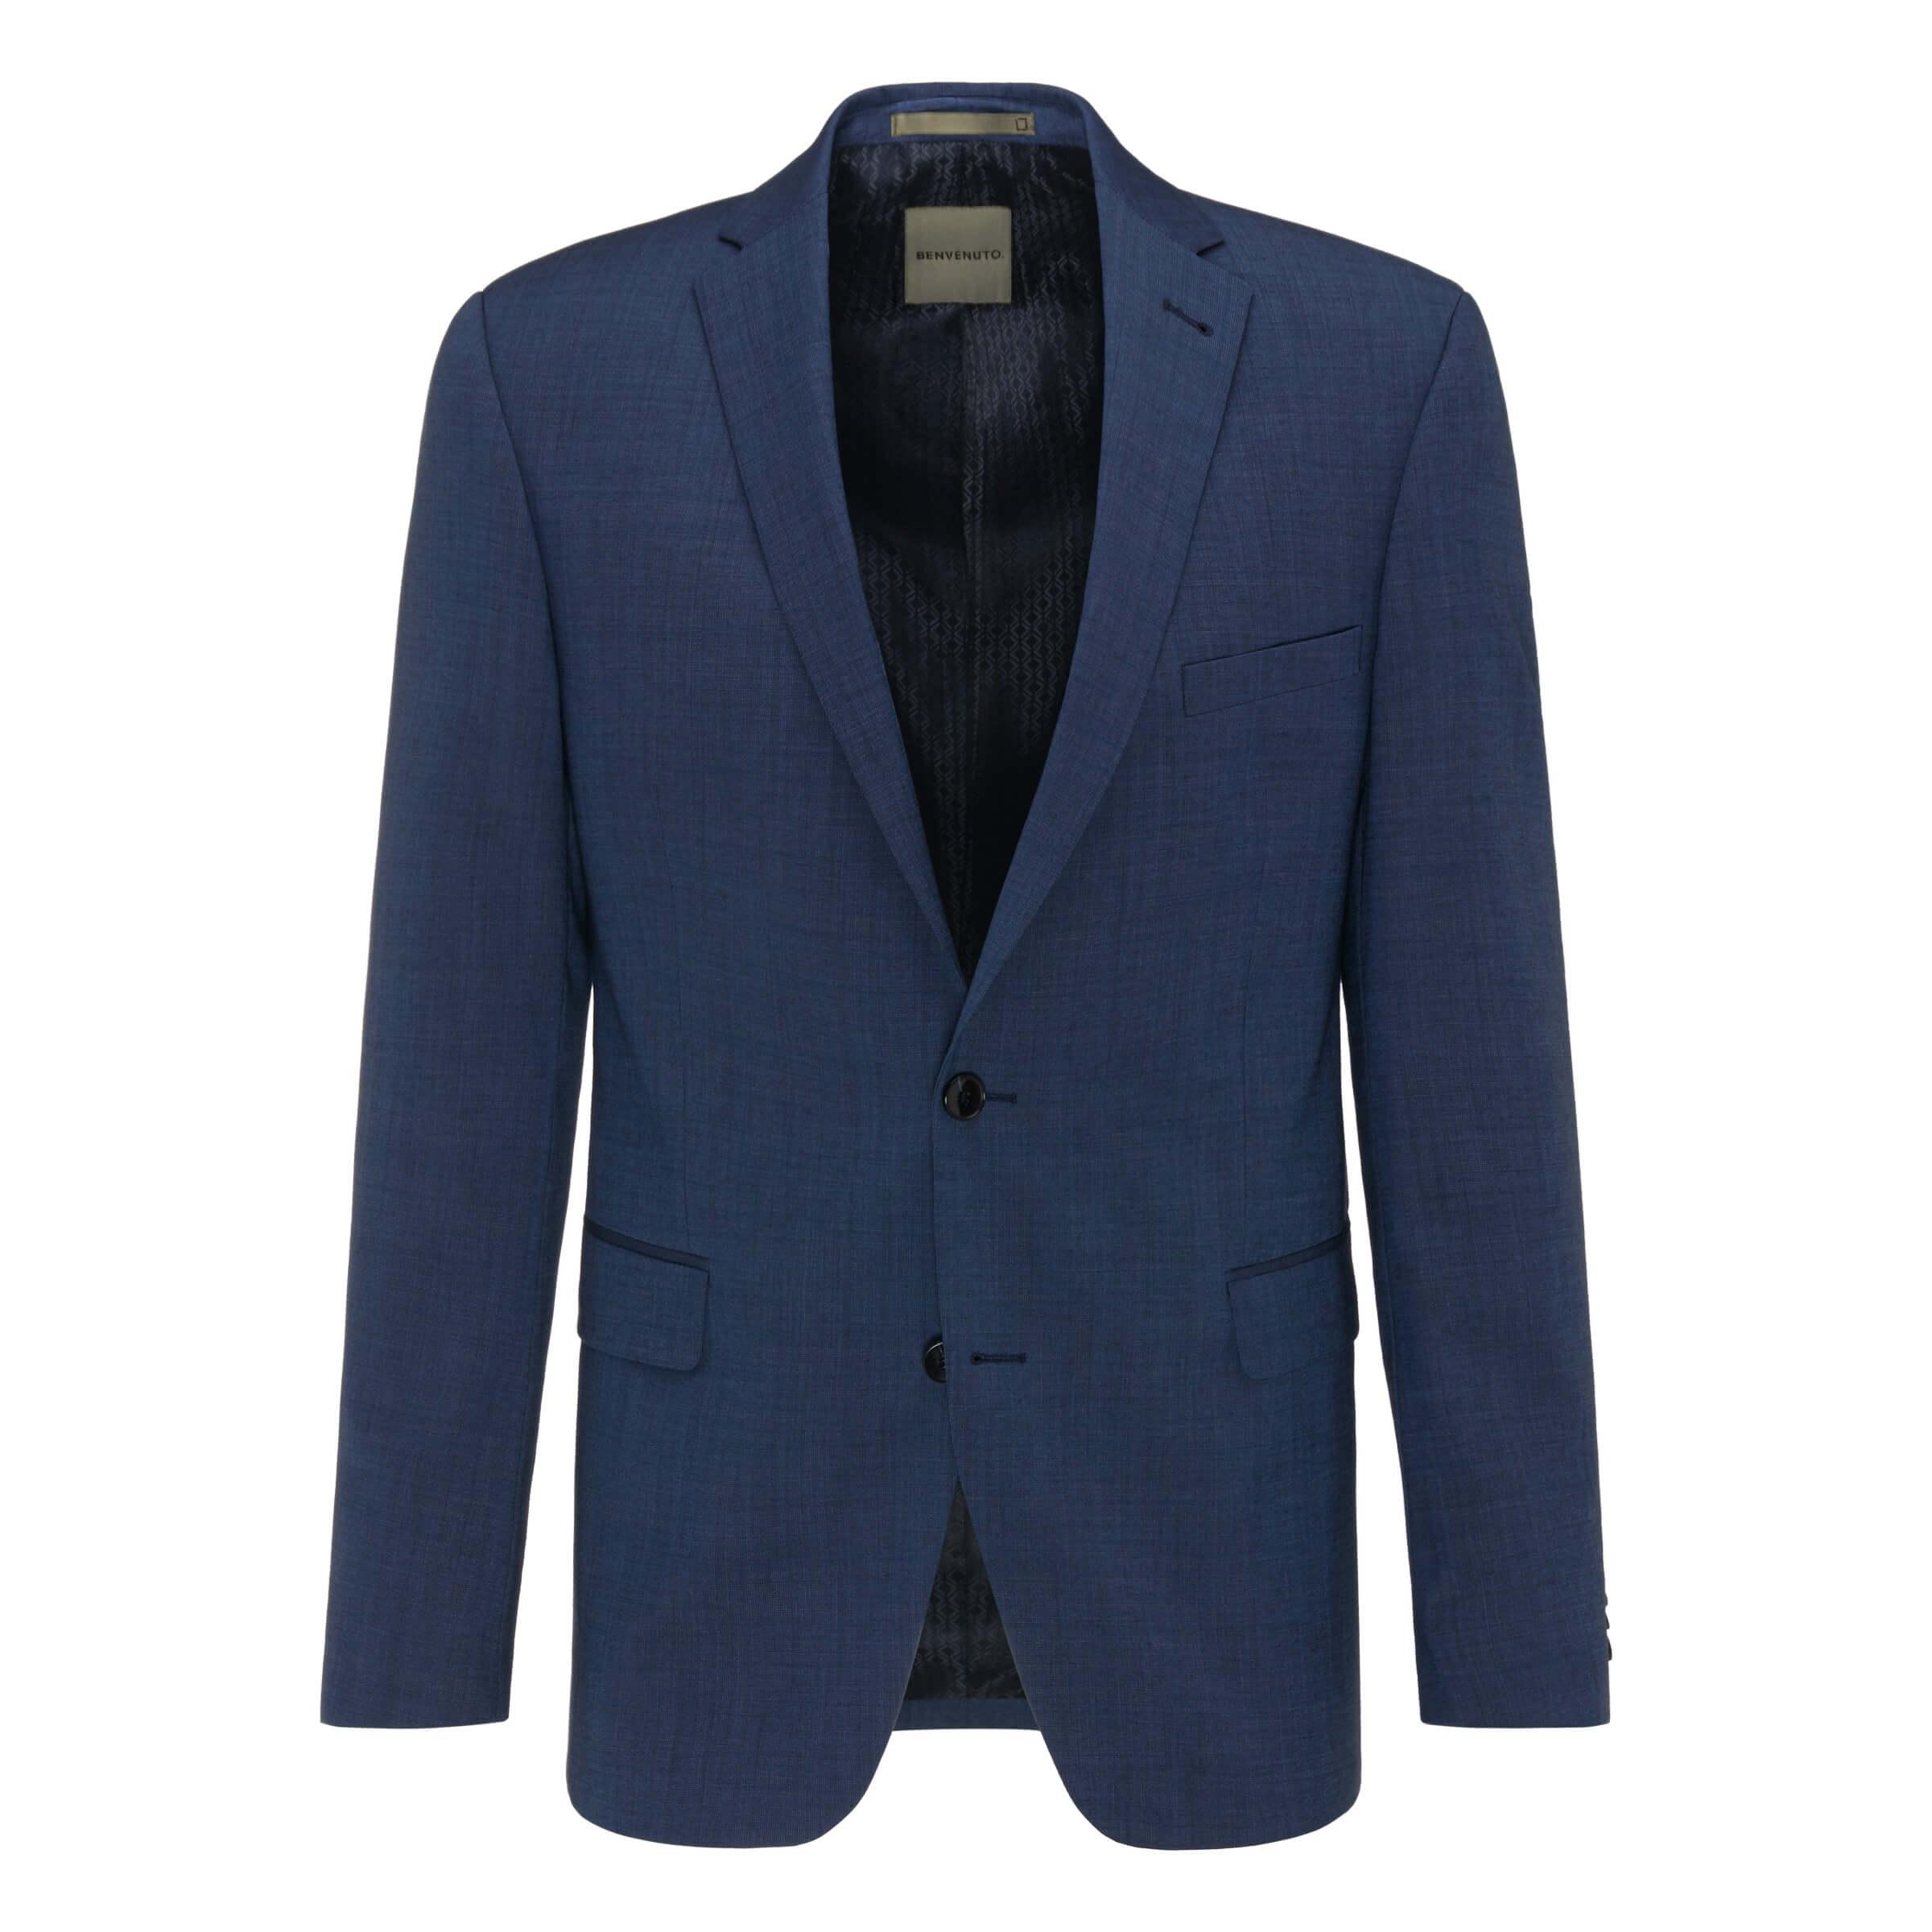 M&m jacket